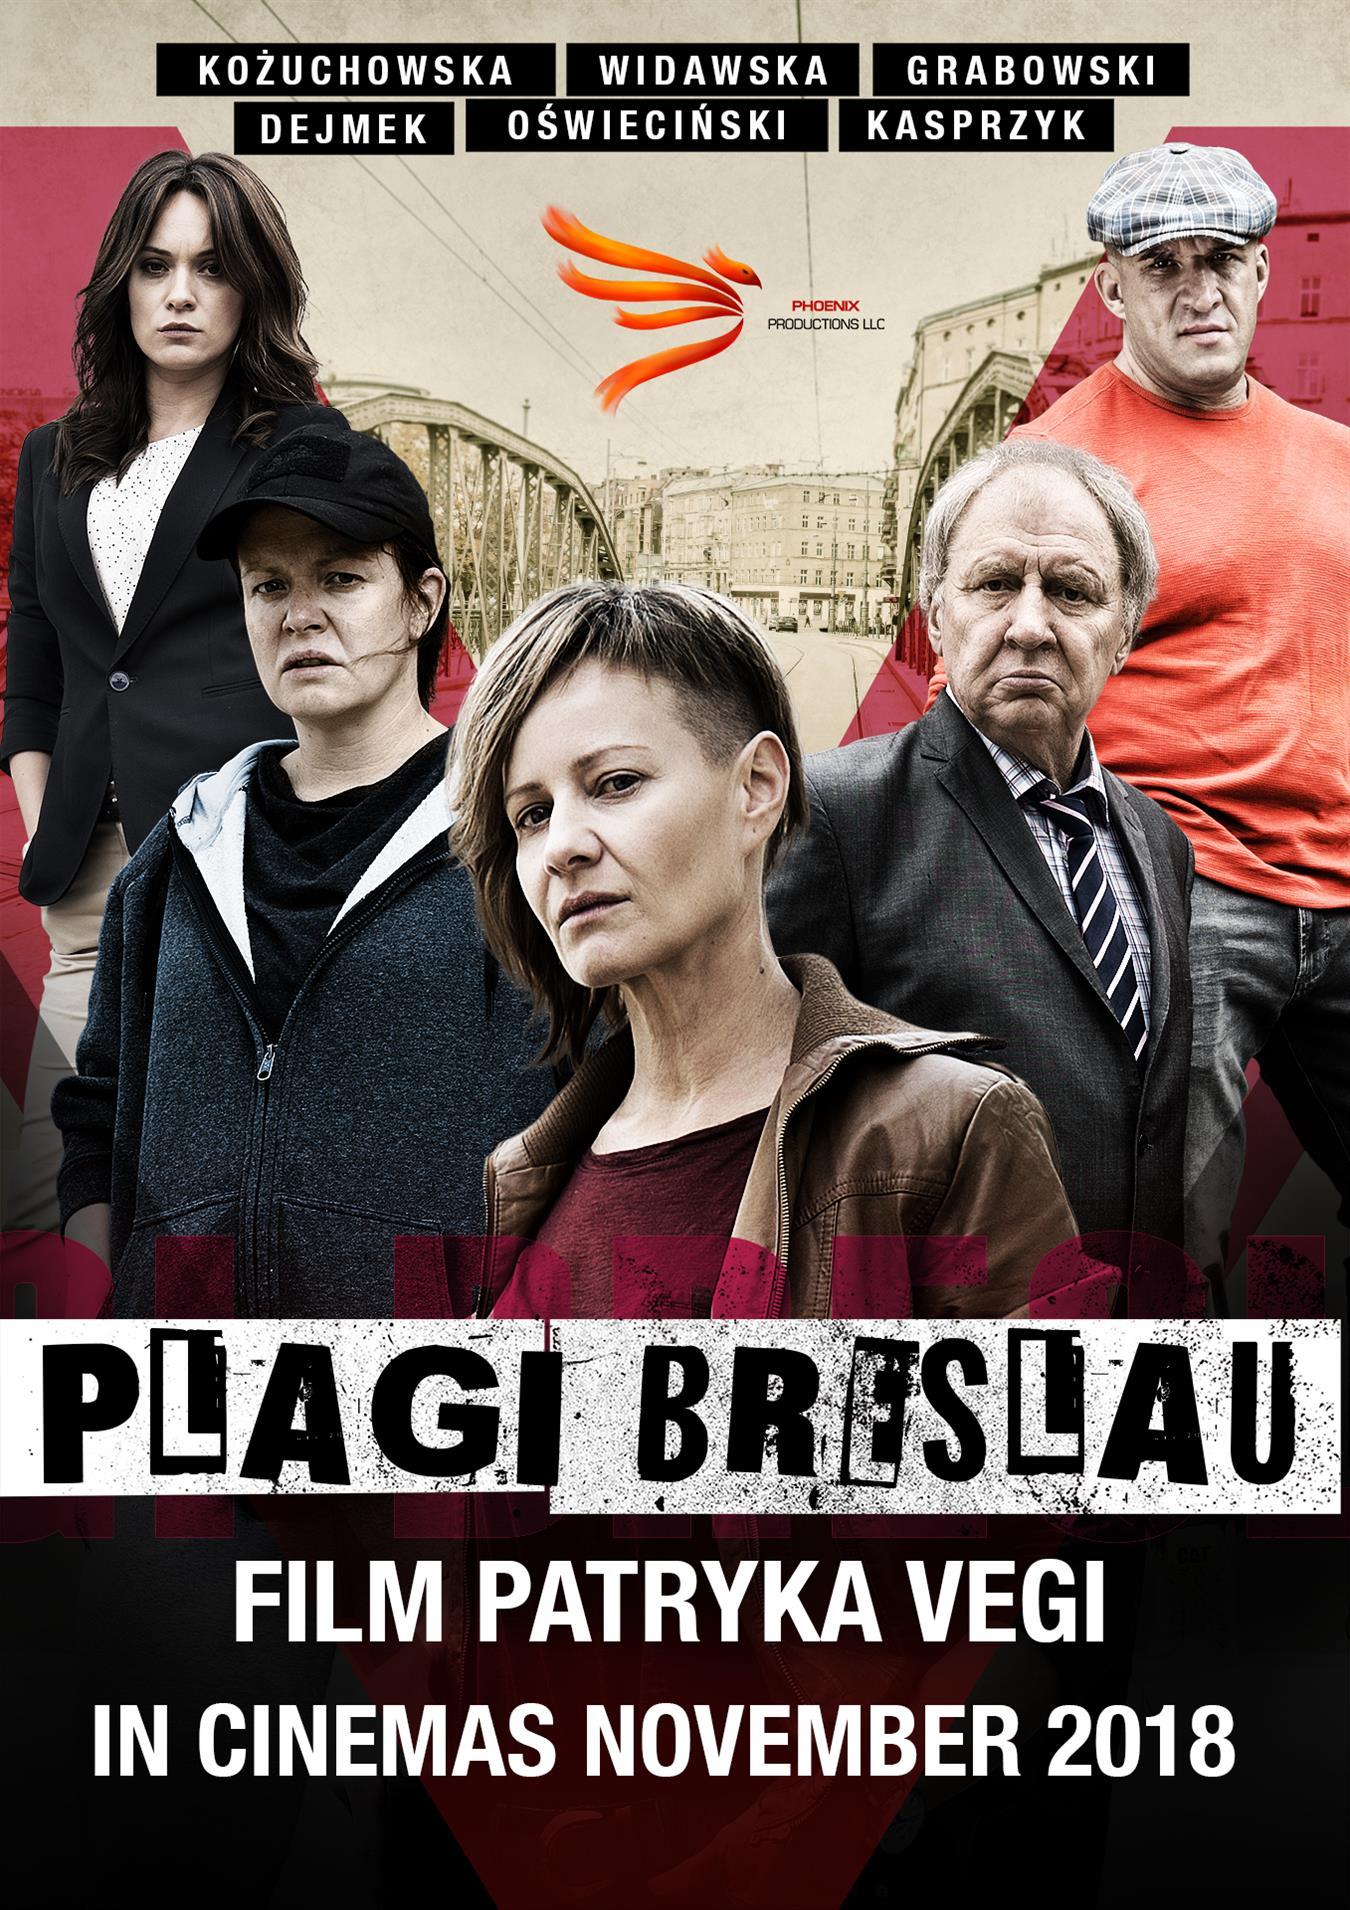 Plagues of Breslau